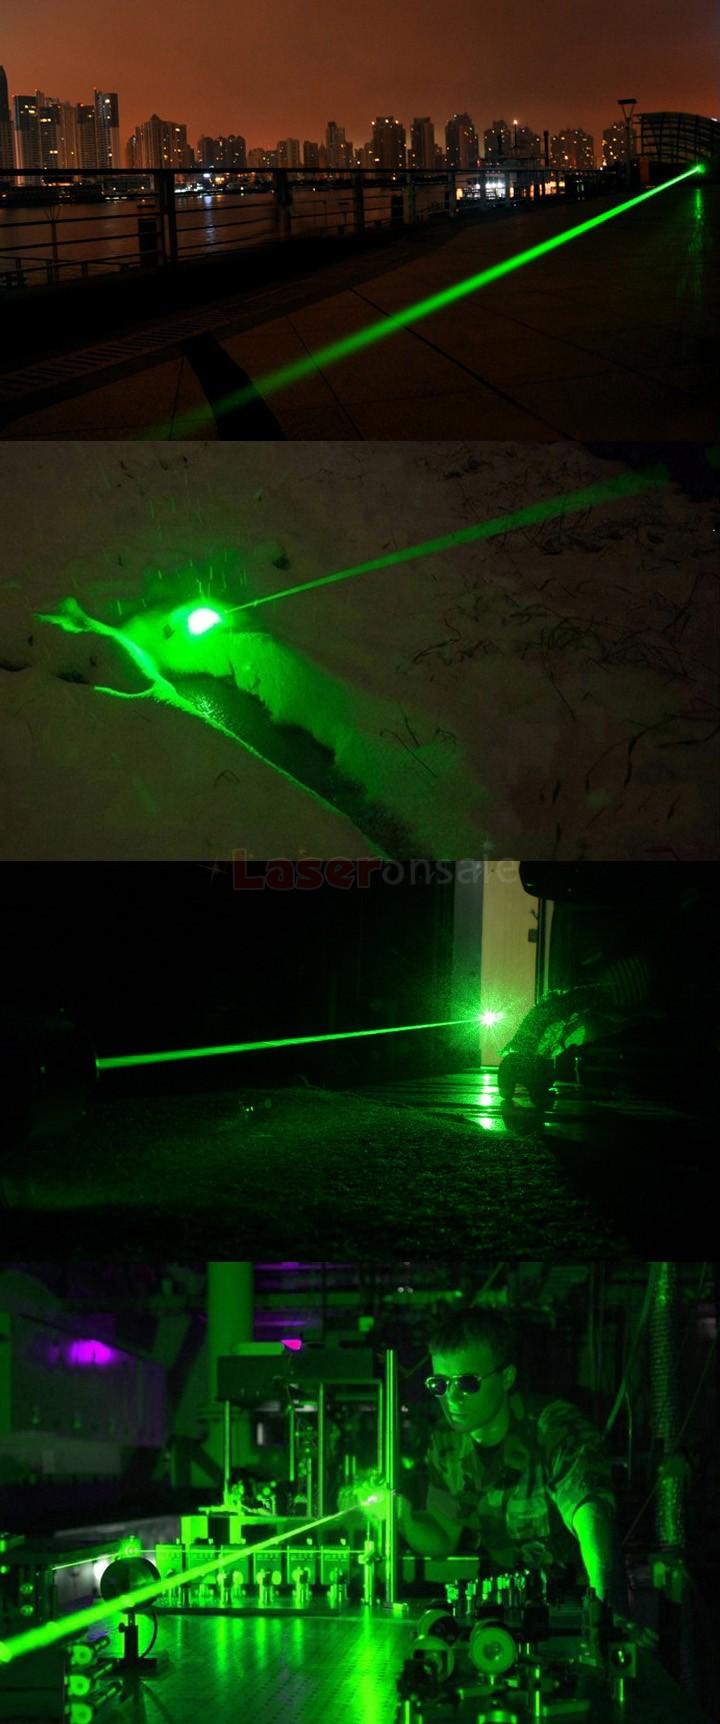 強力レーザー懐中電灯 緑色レーザーポインター200mW